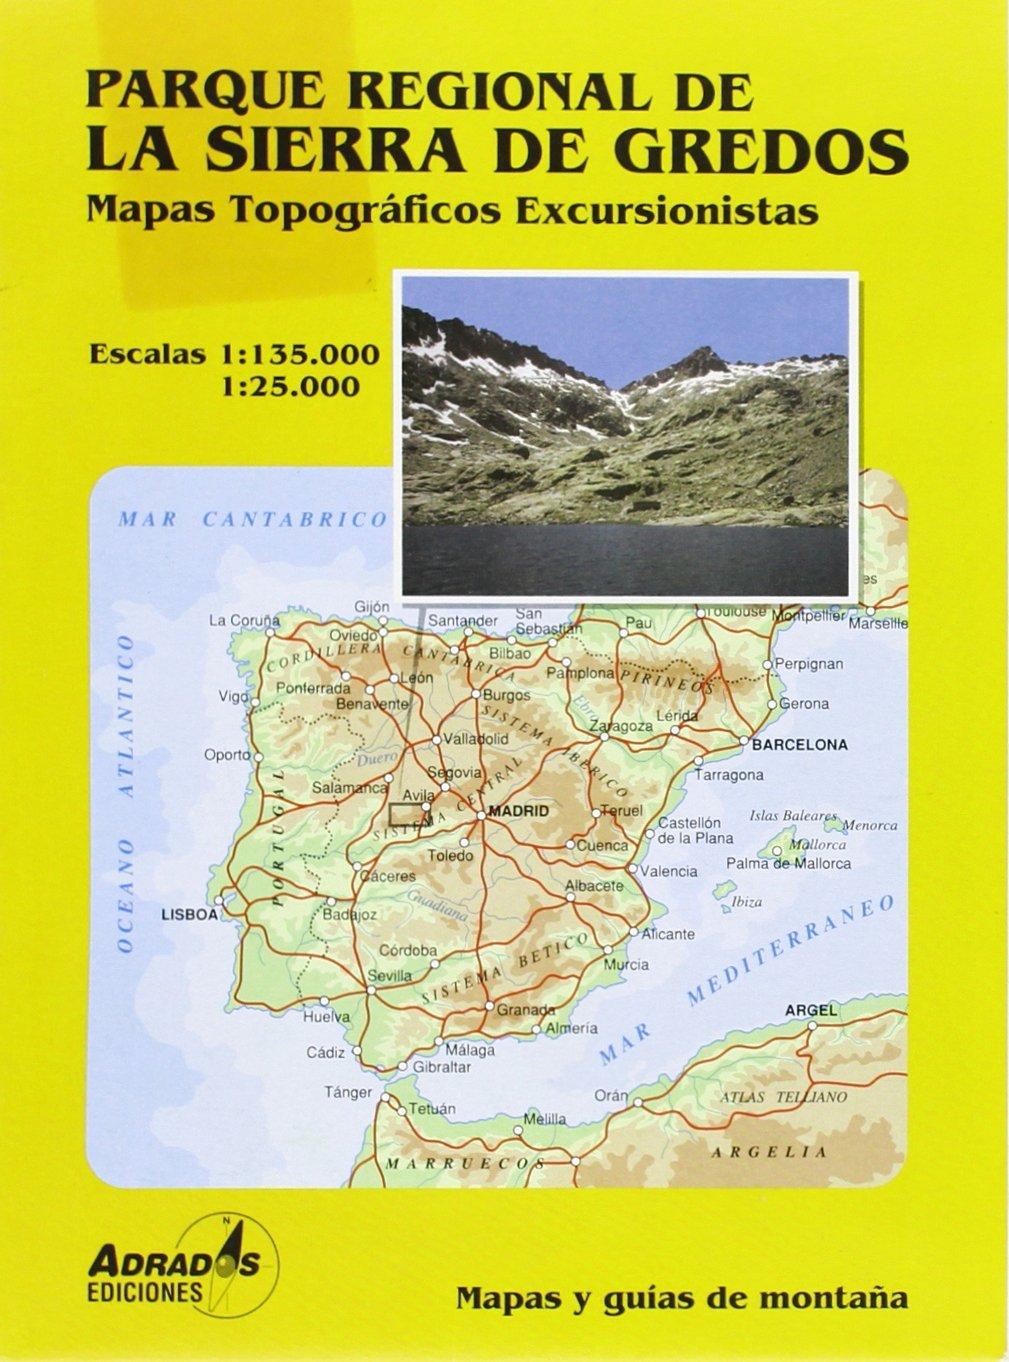 Parque regional de la Sierra de Gredos. Mapa excursionista ...